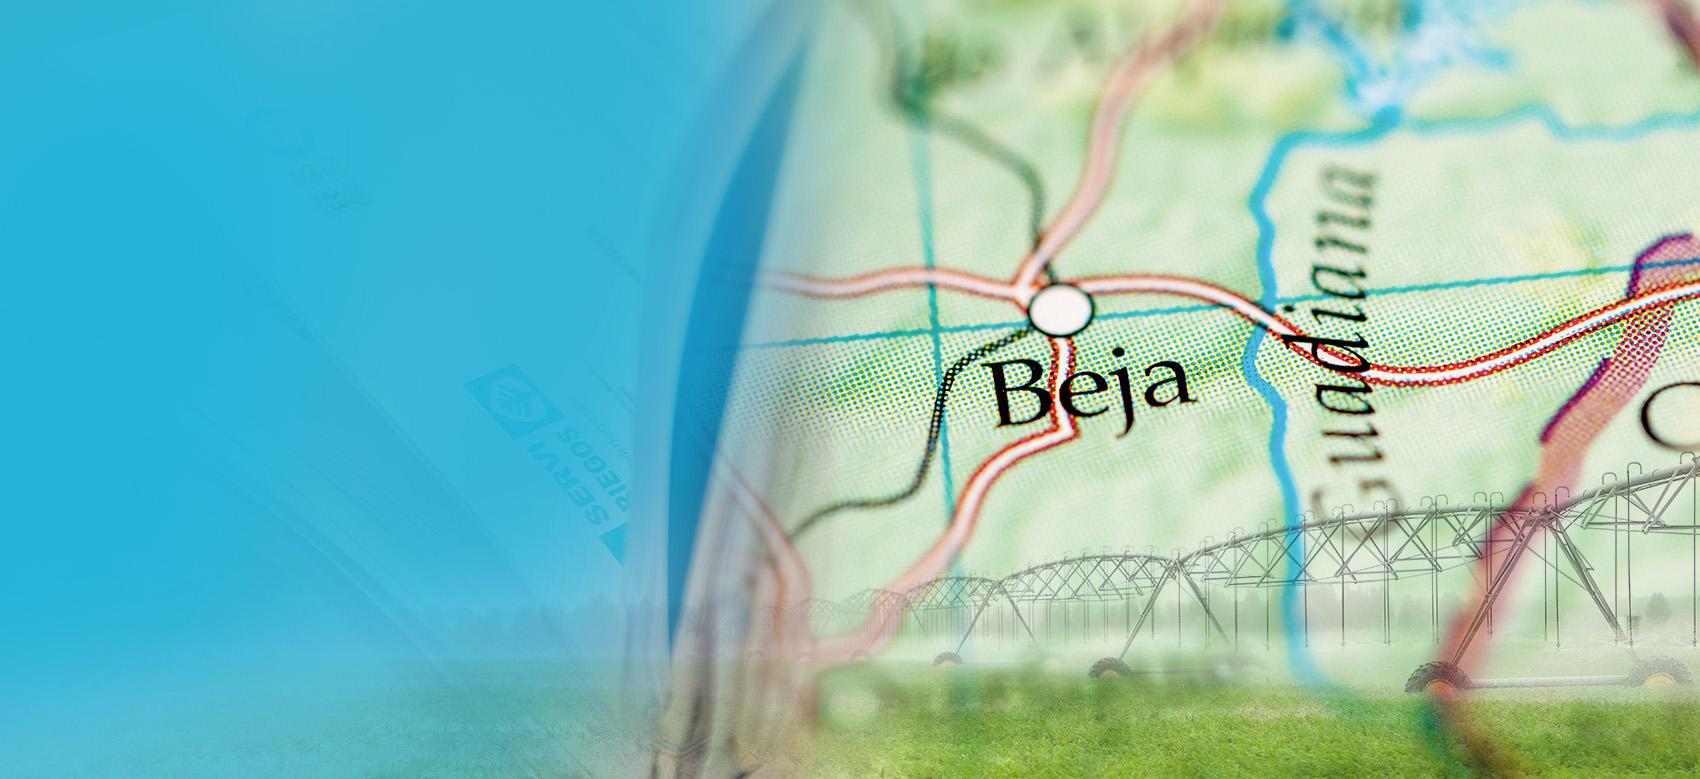 Nuevas oficinas en PORTUGAL (Beja). Rua Dos Electricistas Nº12, Bairro de S. Miguel Bloco 14.